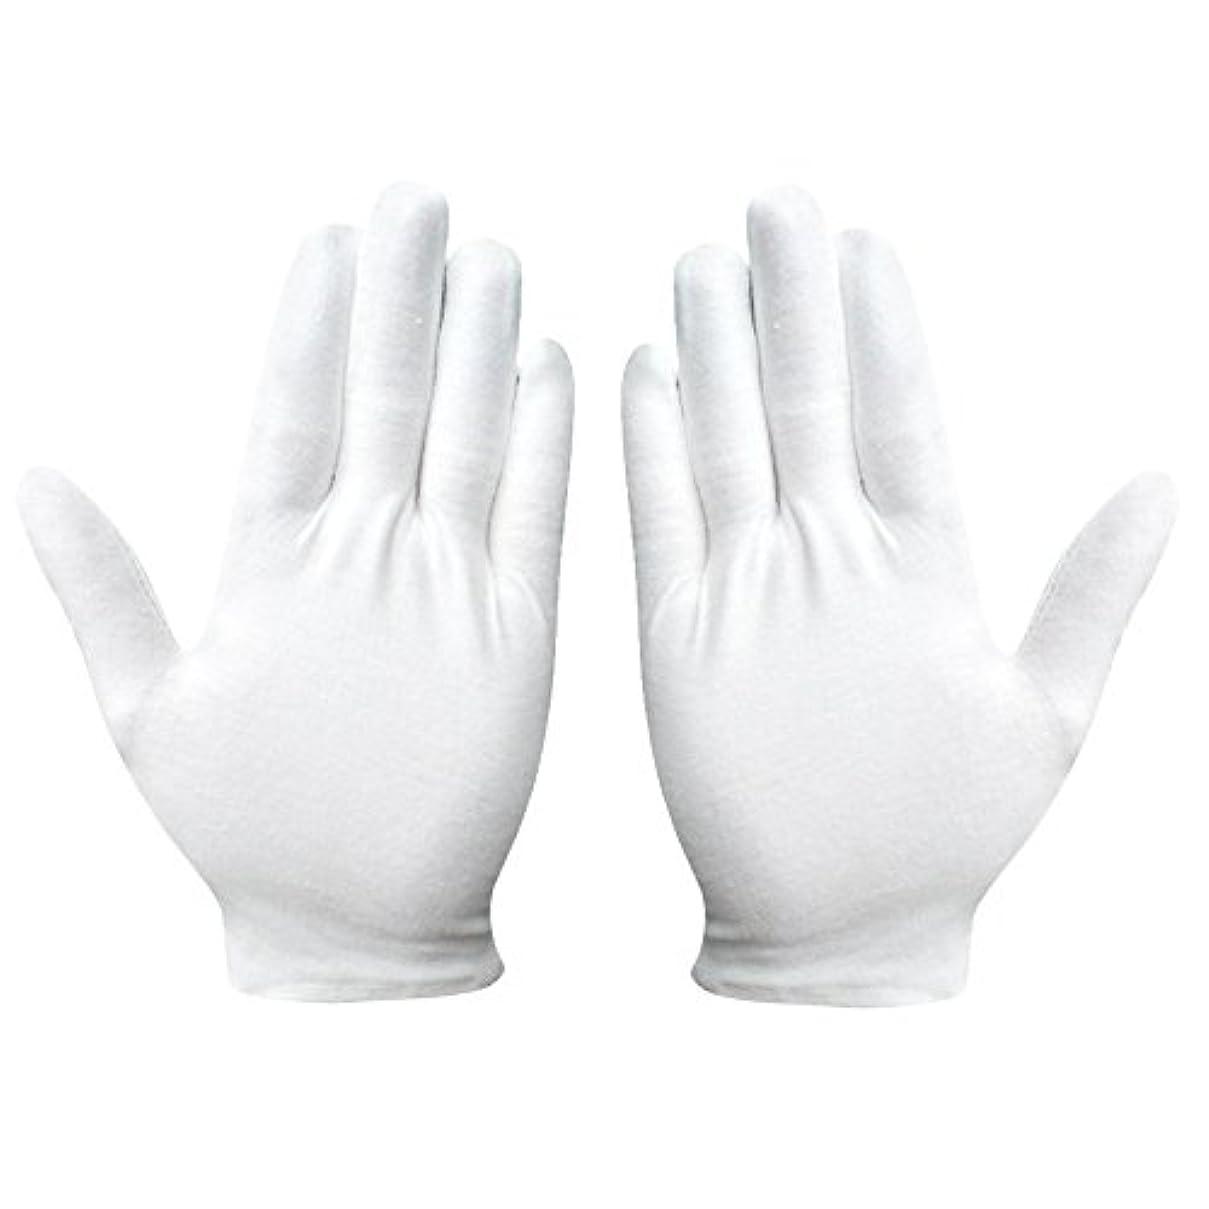 消費する量大胆不敵綿手袋 純綿 コットン手袋 白手袋 薄手 通気性 手荒れ予防 【湿疹用 乾燥肌用 保湿用 礼装用】12双組